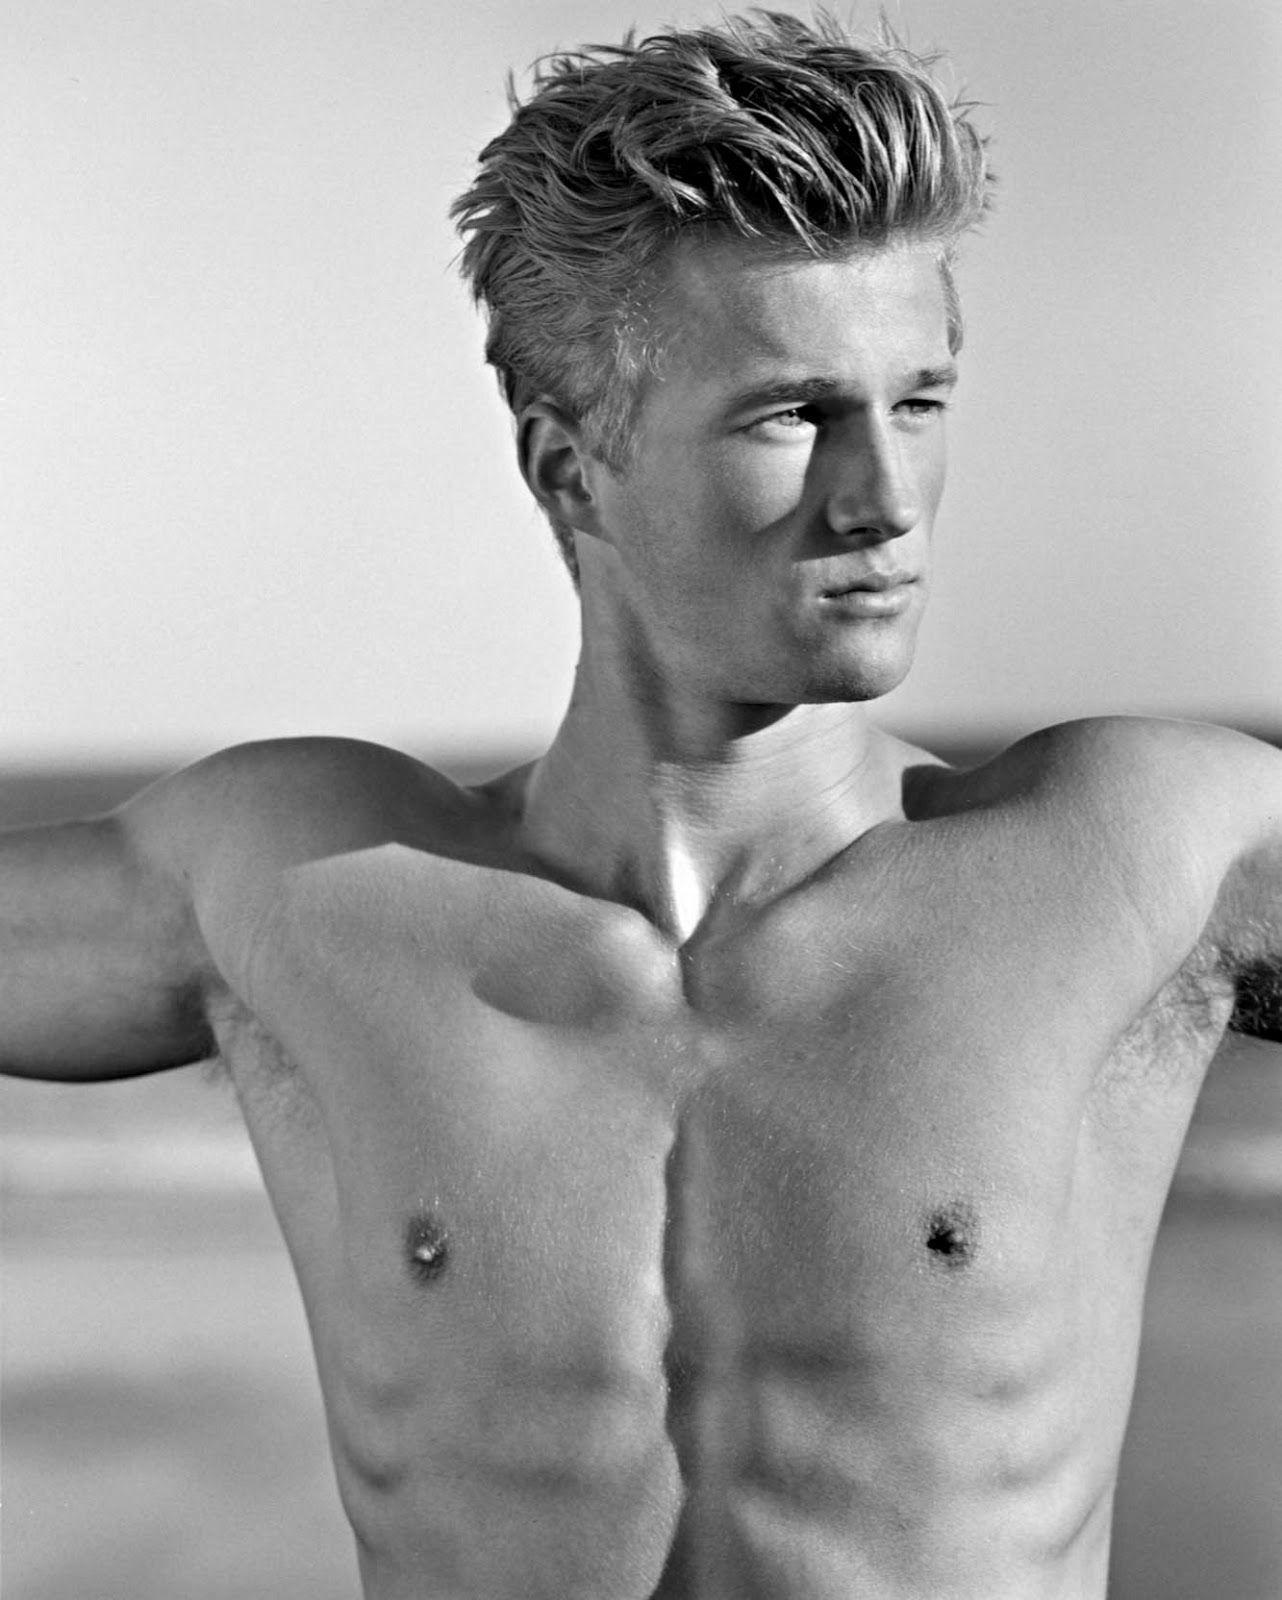 Kevin Lutolf | Male models, Model, Kevin